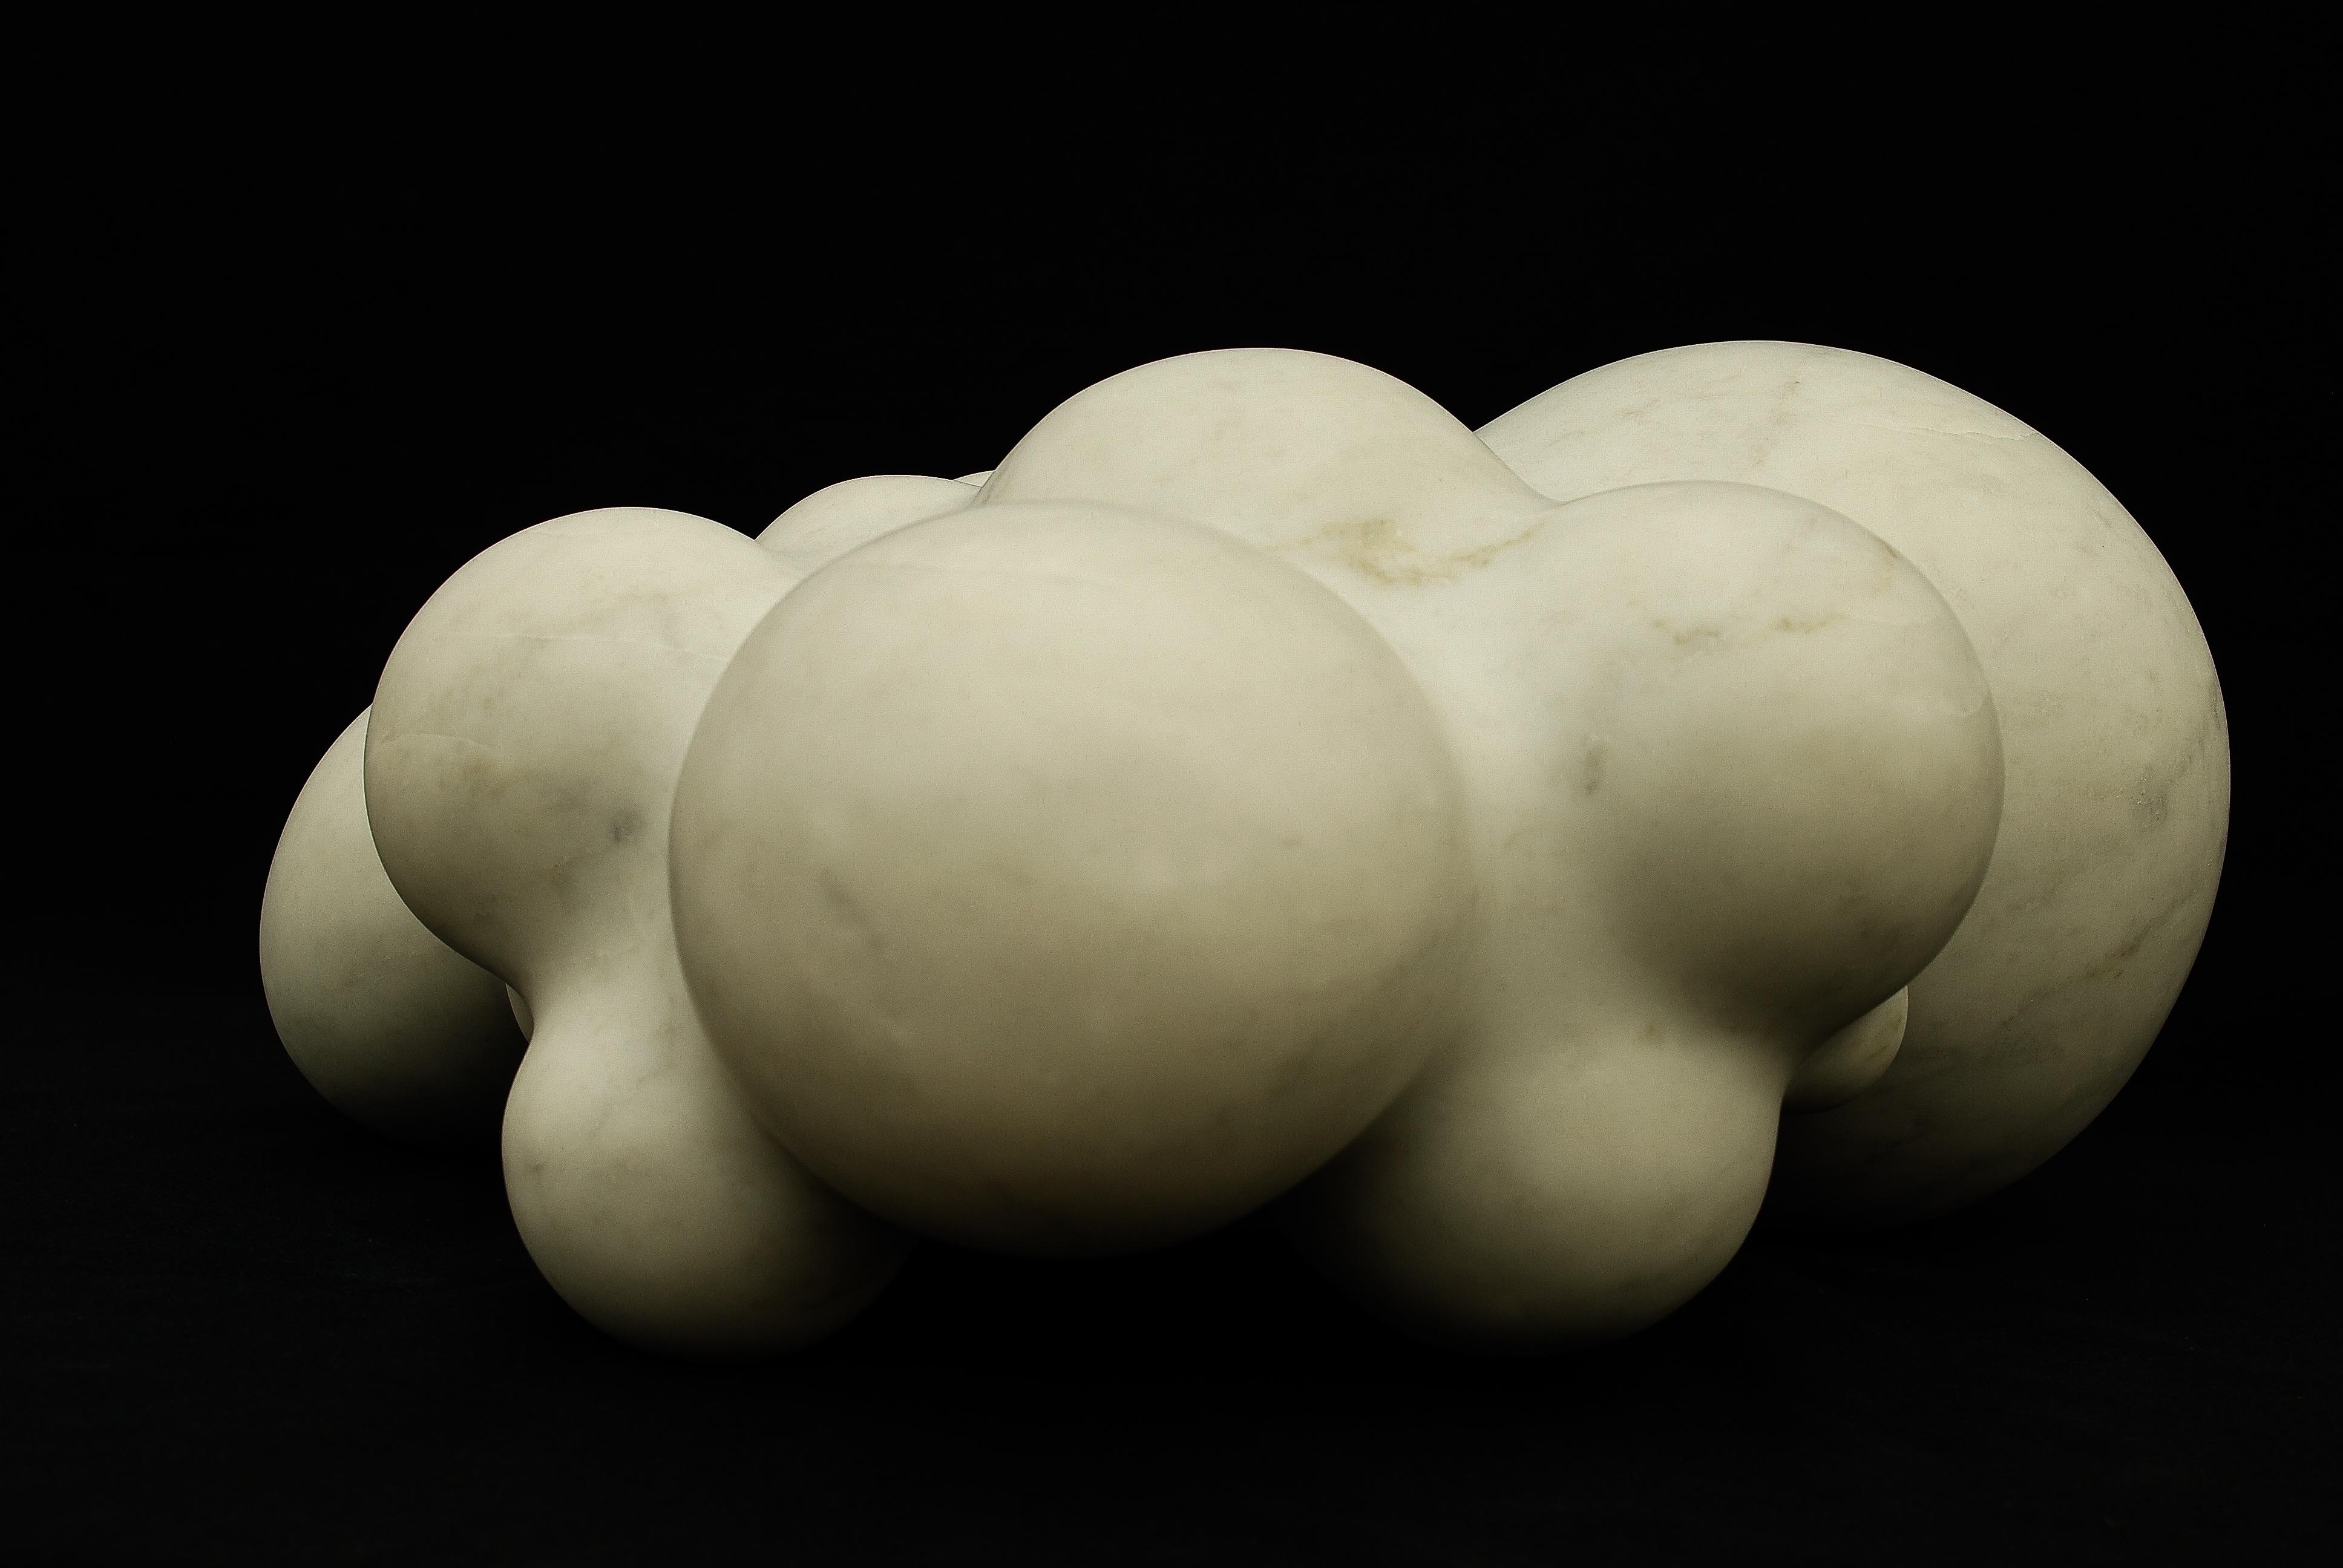 Regina Schnersch, Körper, 2014, Carrara Marmor, 35 x 35 x 17 cm